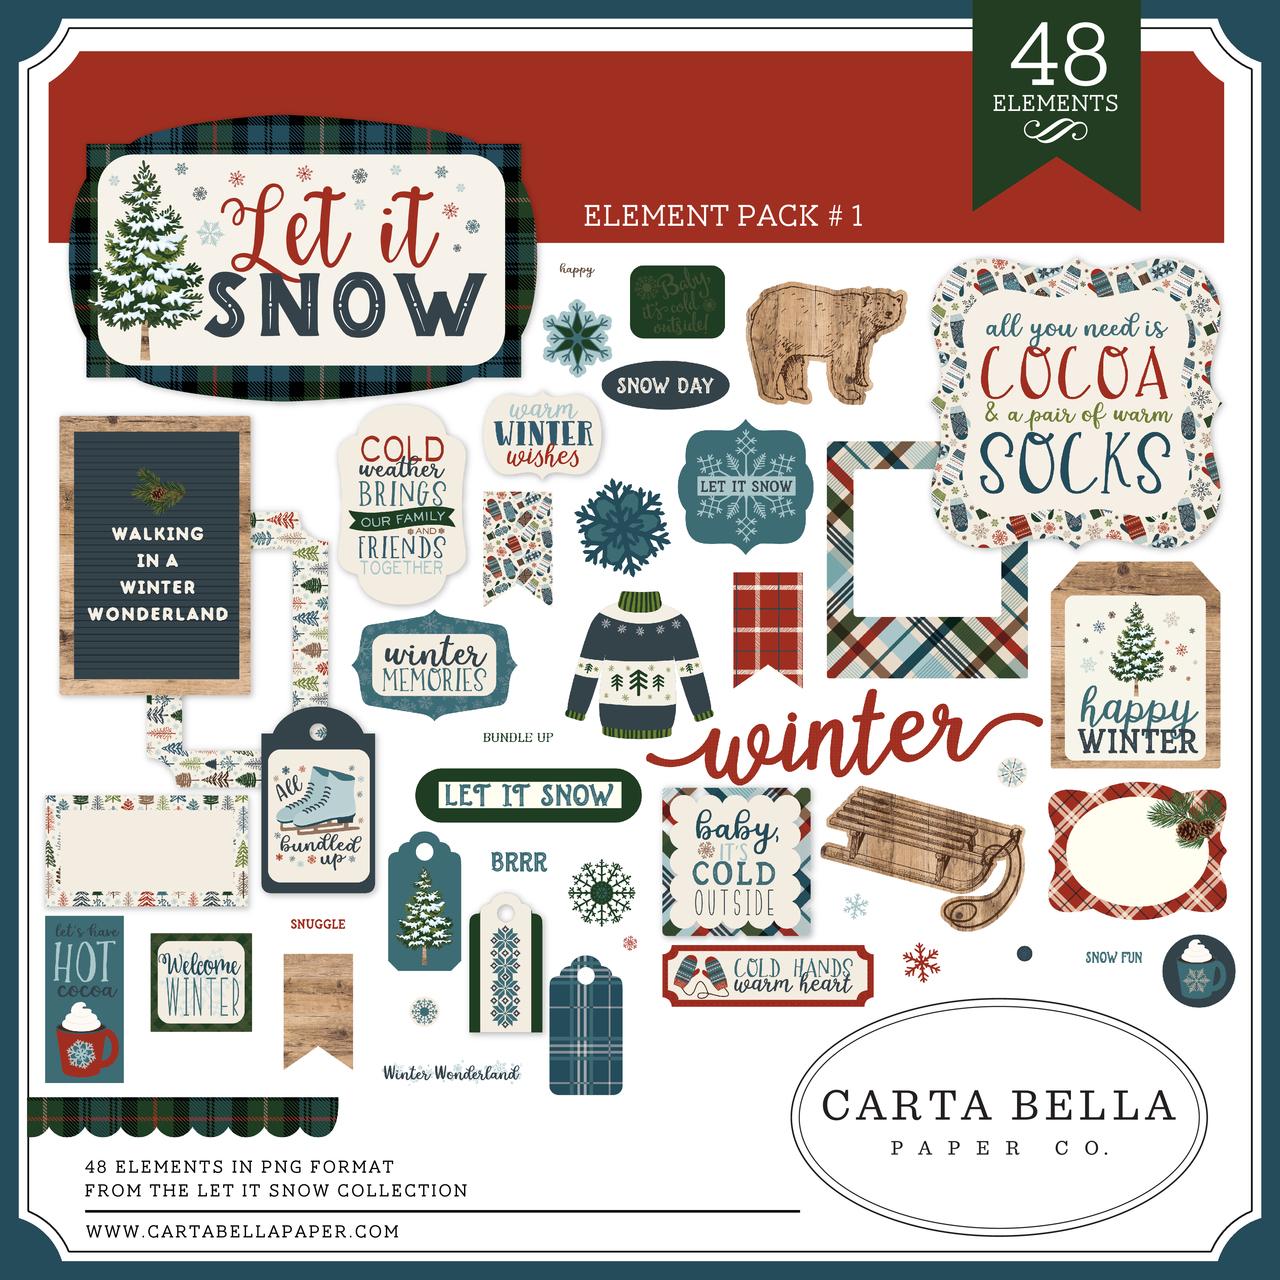 Let It Snow Element Pack #1